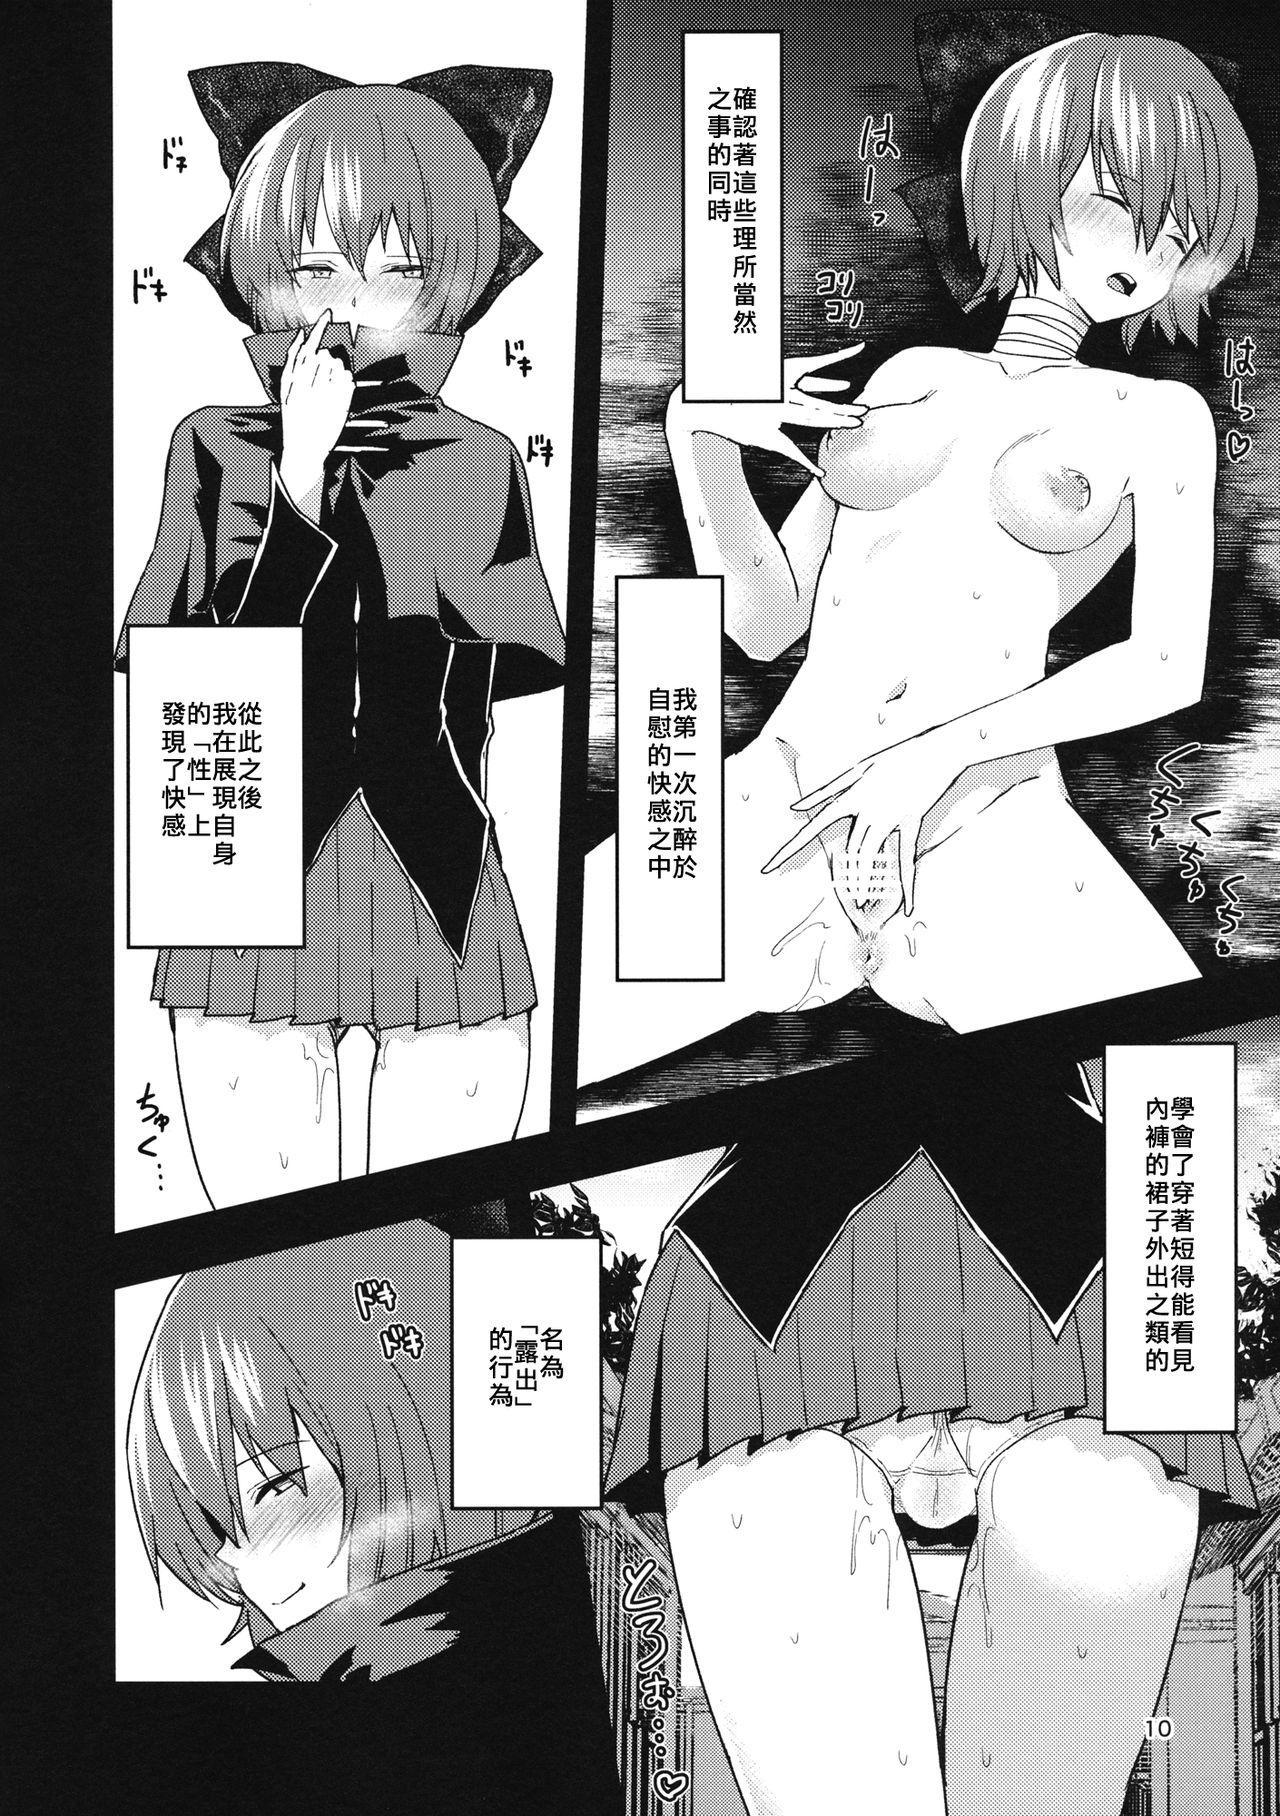 Kao Kakushite Ketsuana Kakusazu 9